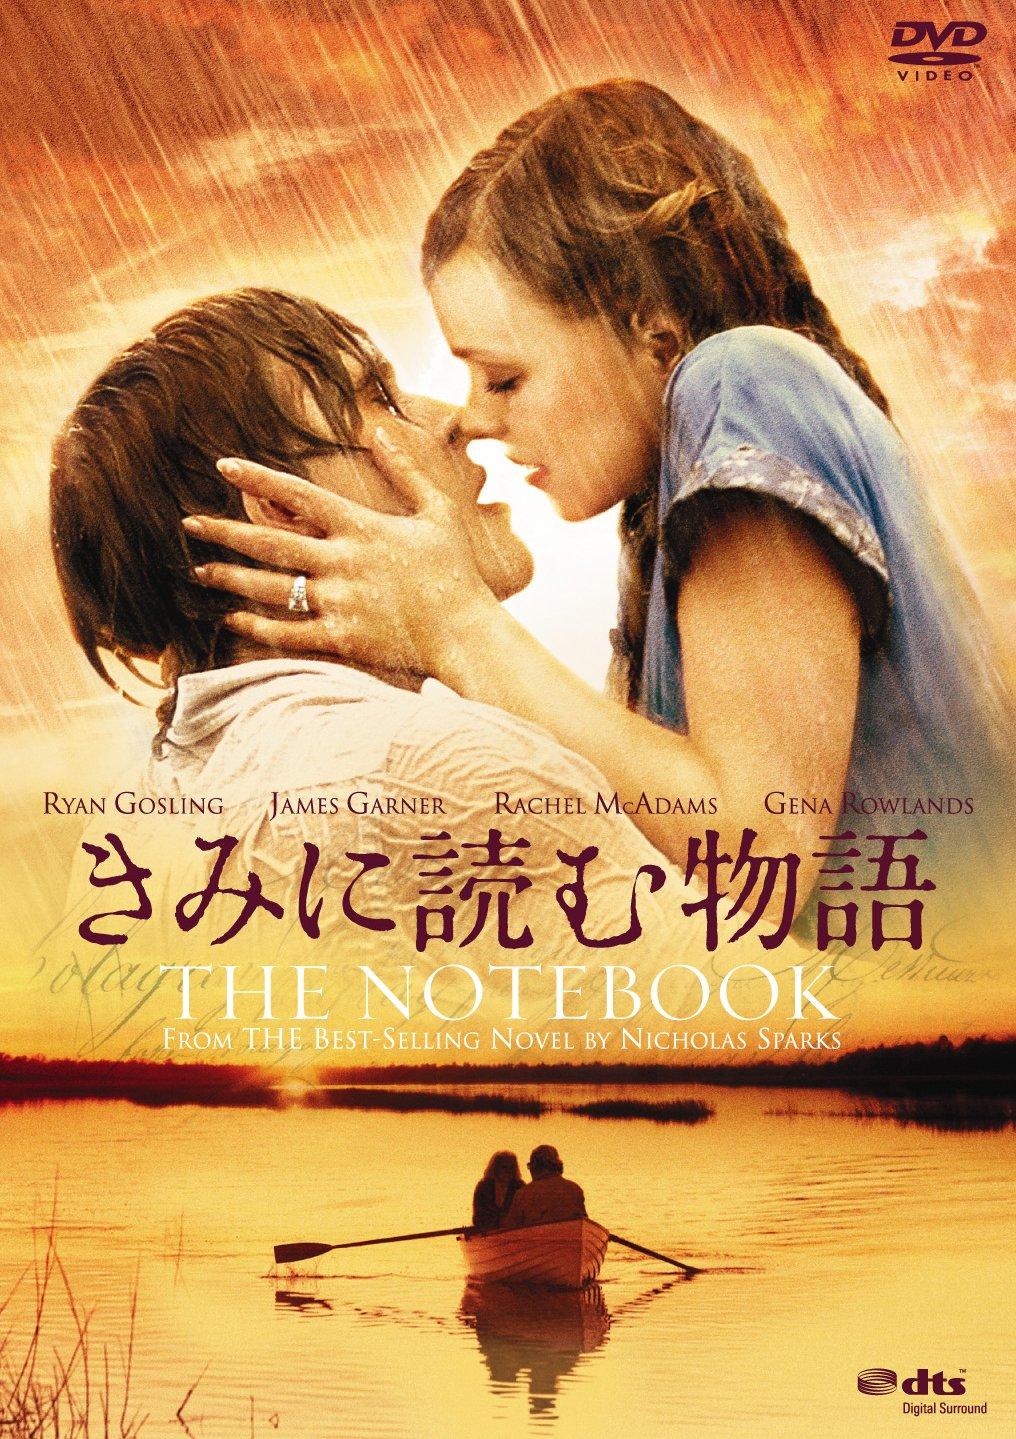 『きみに読む物語』恋愛映画の代表作!ベタな恋愛モノと違う5つの魅力